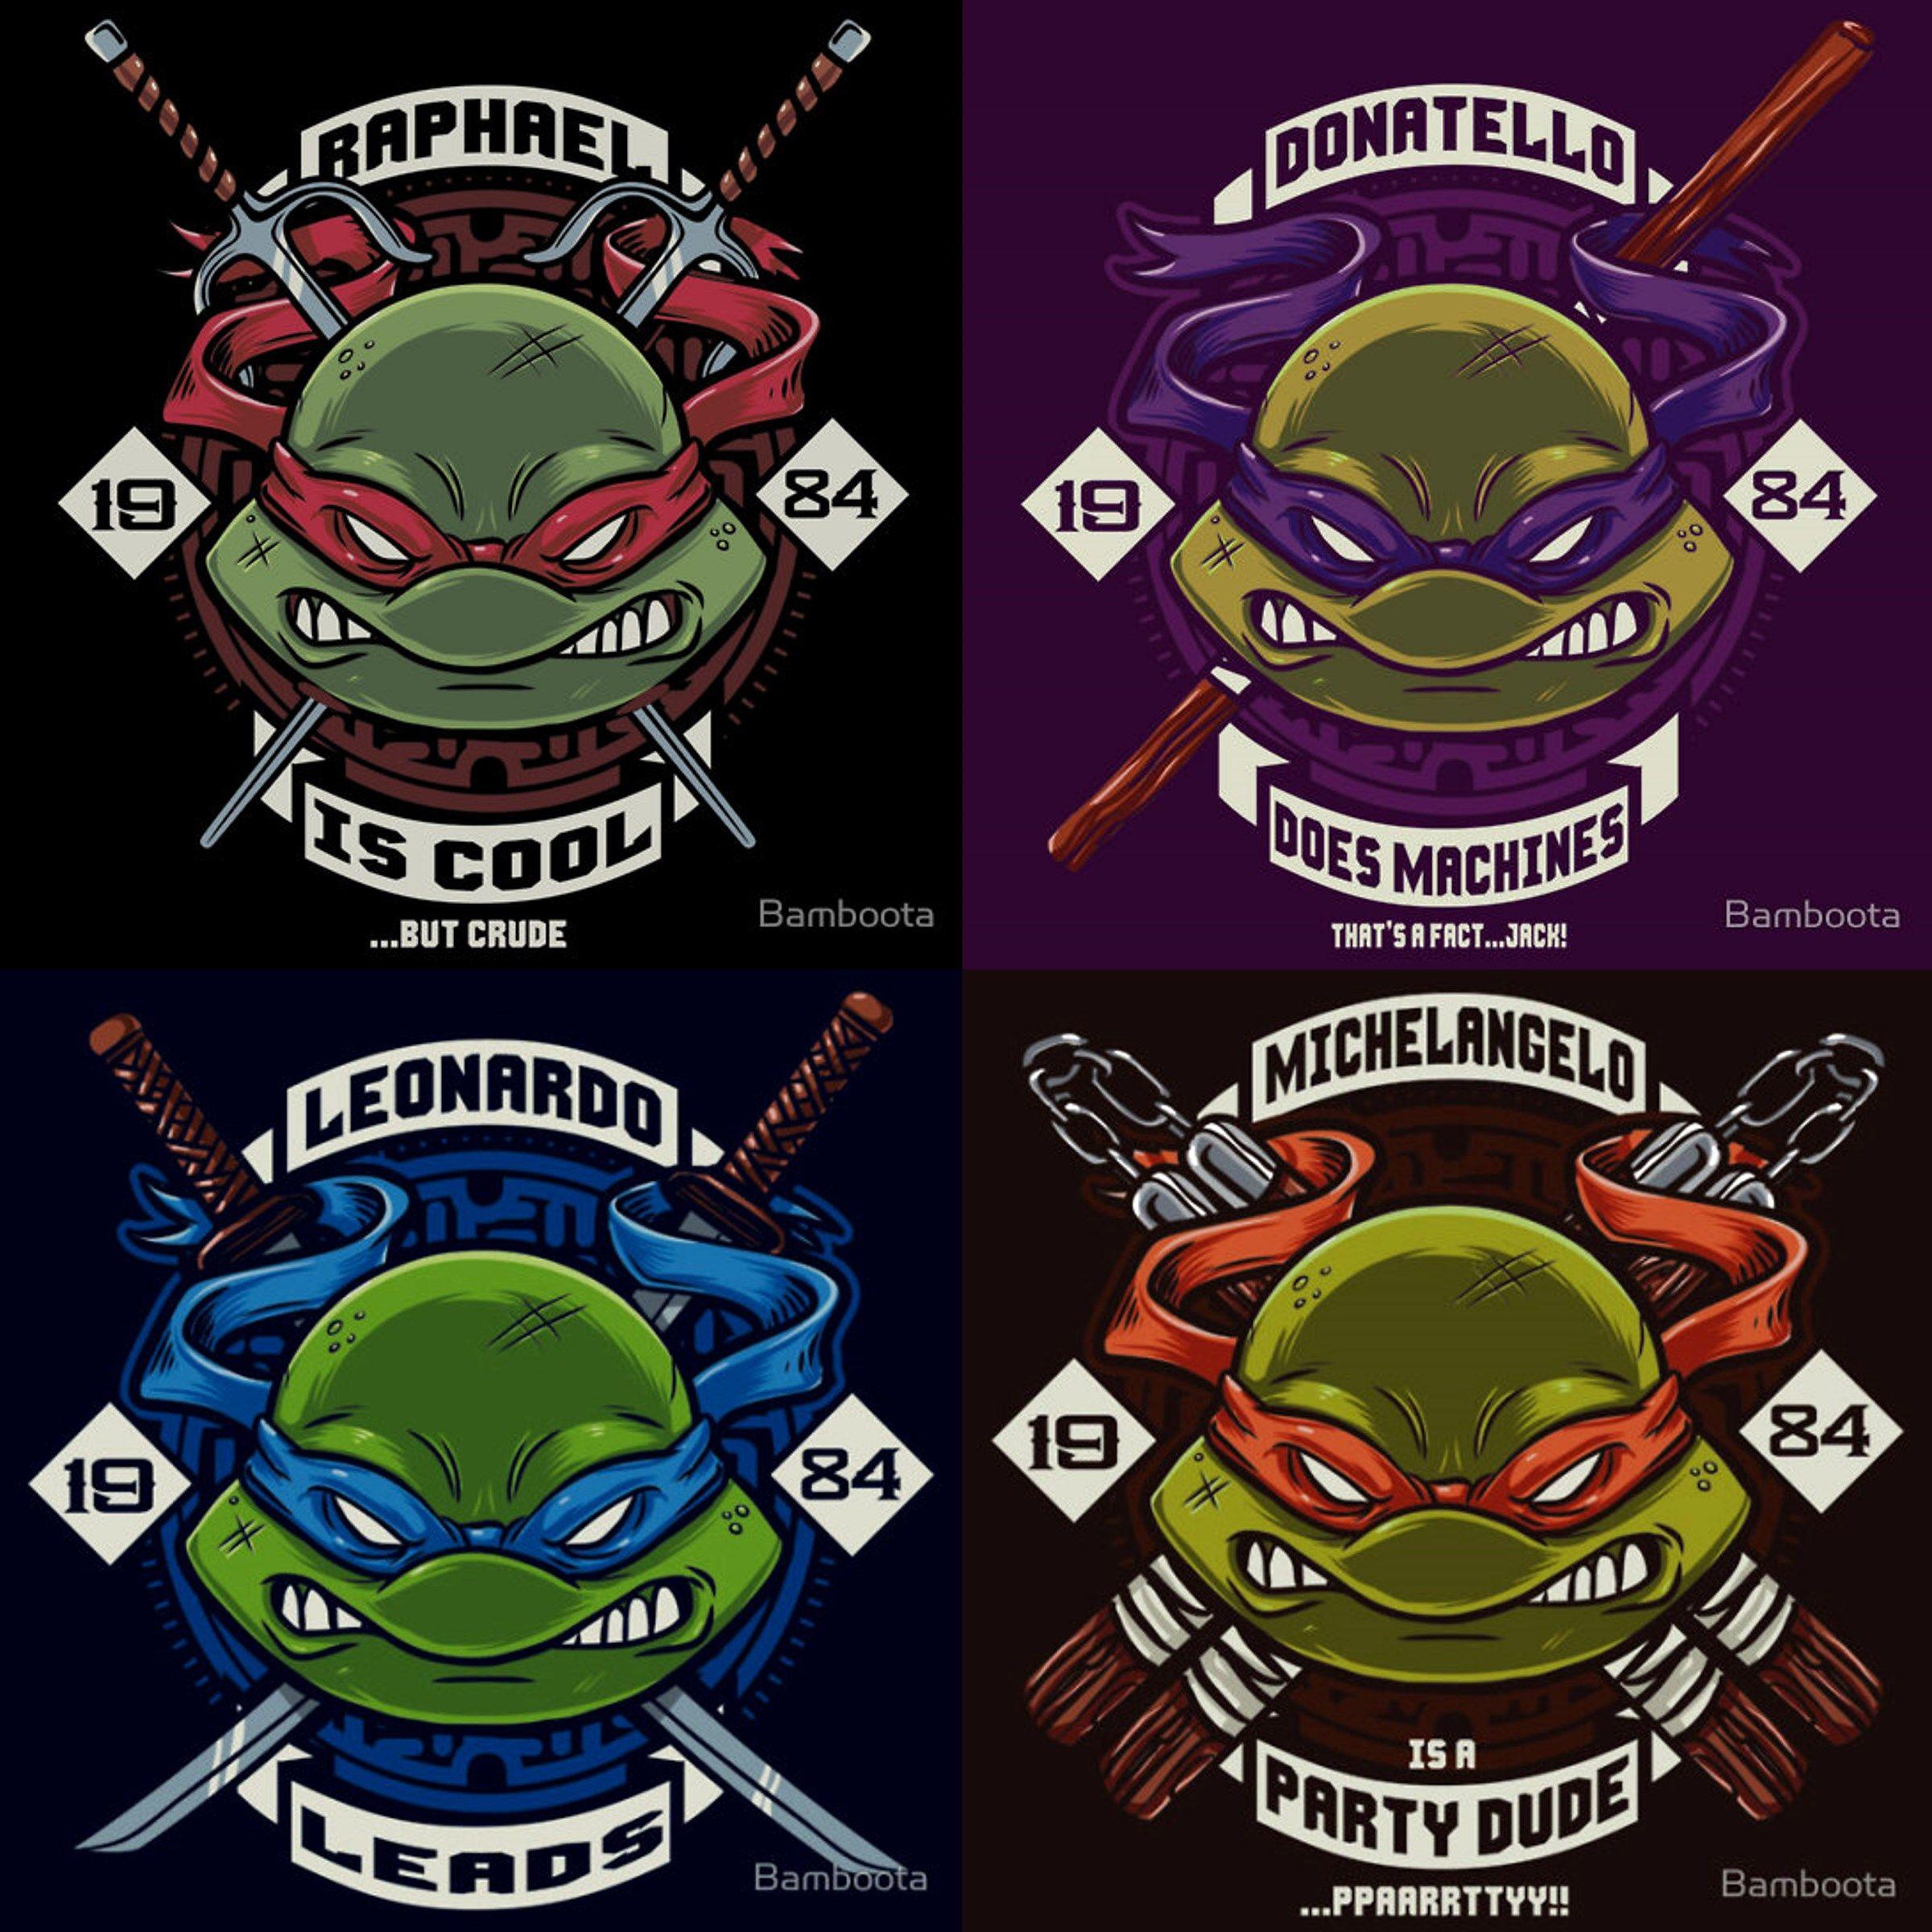 Teenage Mutant Ninja Turtles Fan Art (With images) Ninja